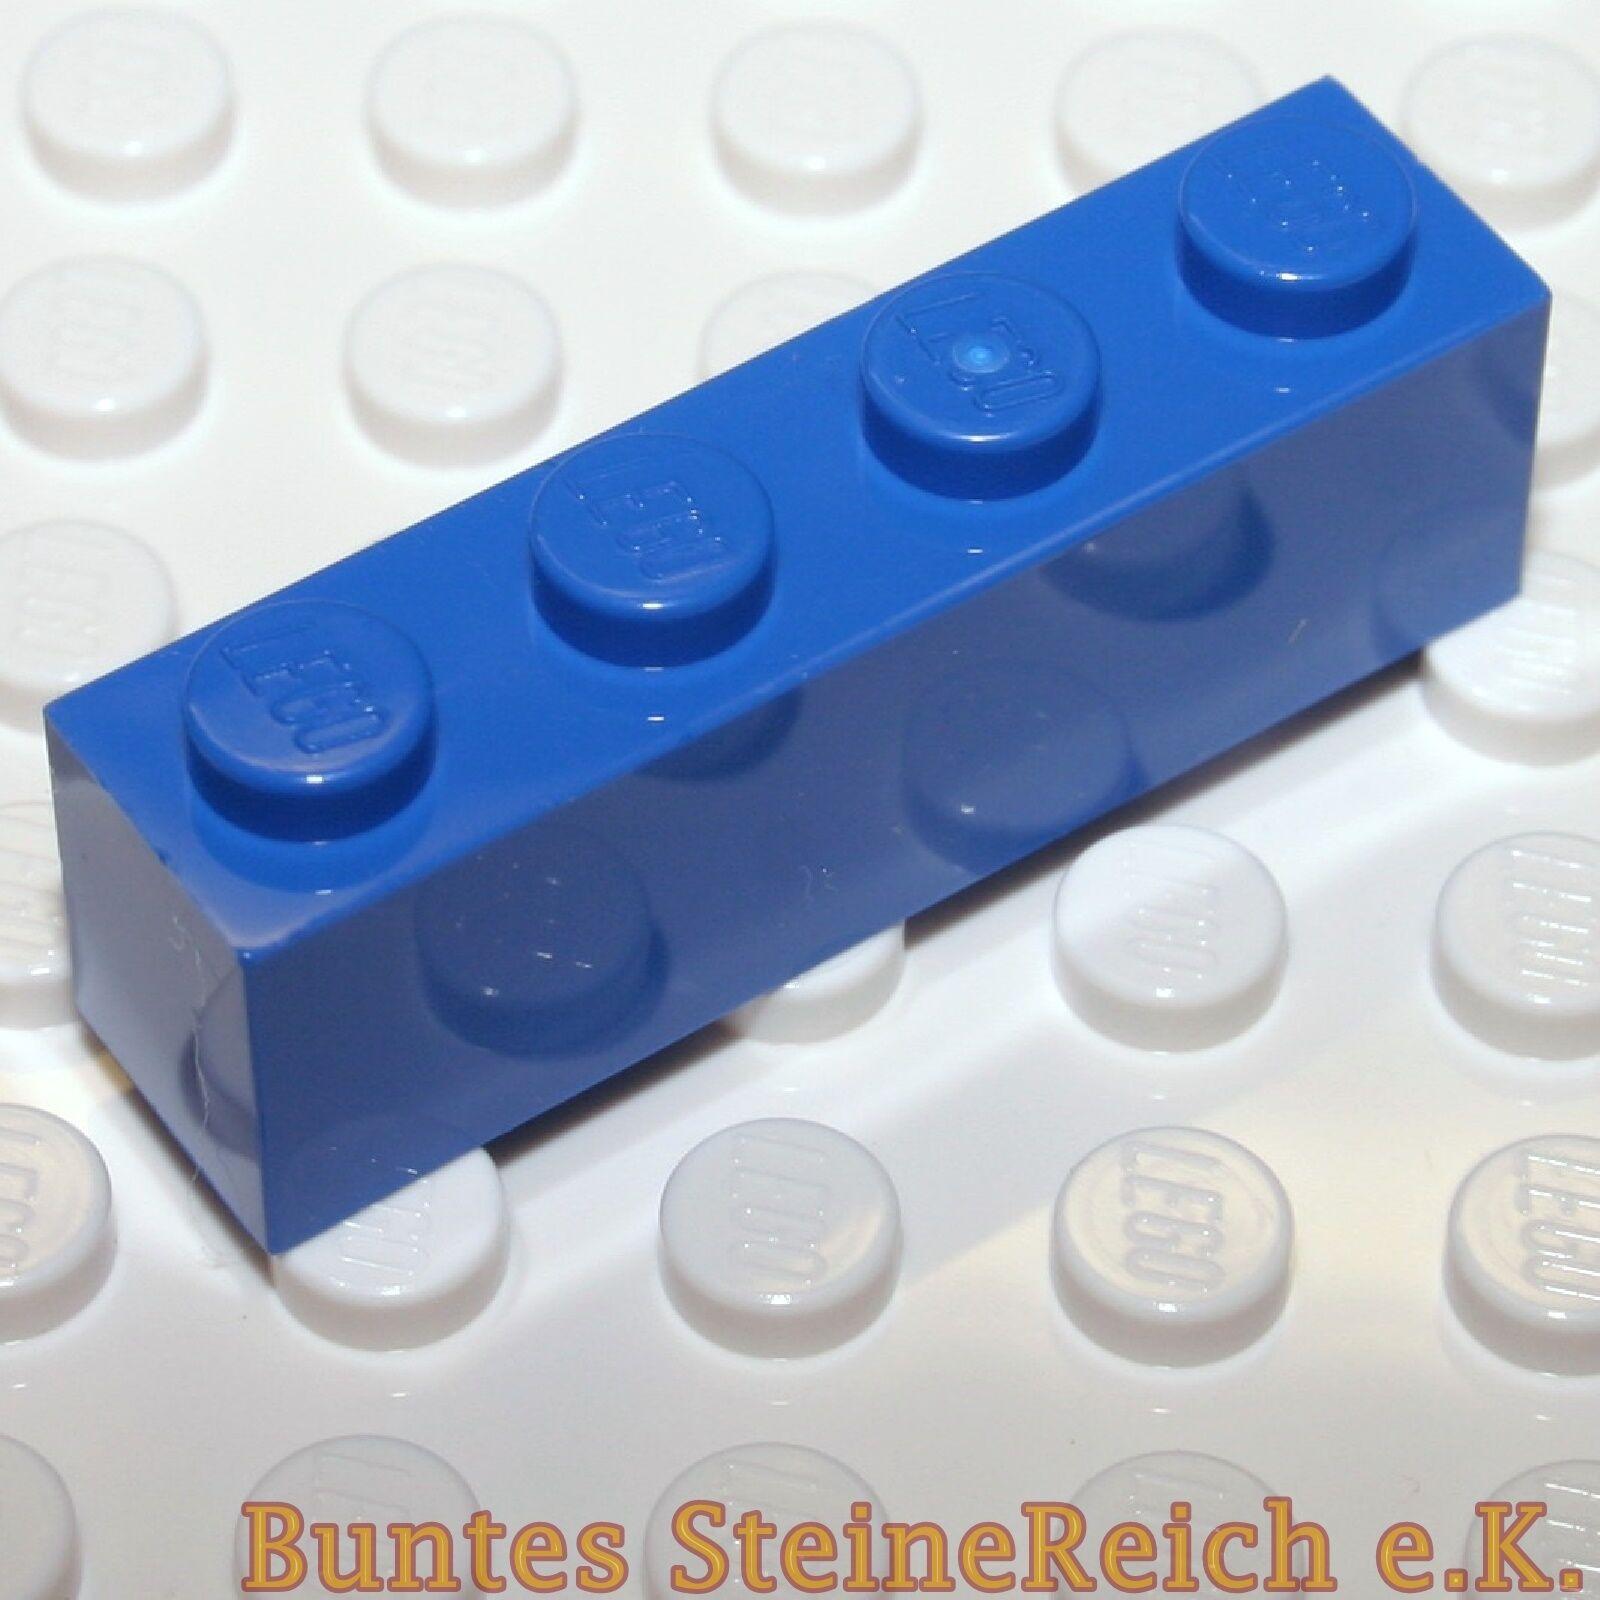 XXX) bleue LEGO Pierres 10 unités de base Briques 1x4 Blocs de construction 3010 & neufs